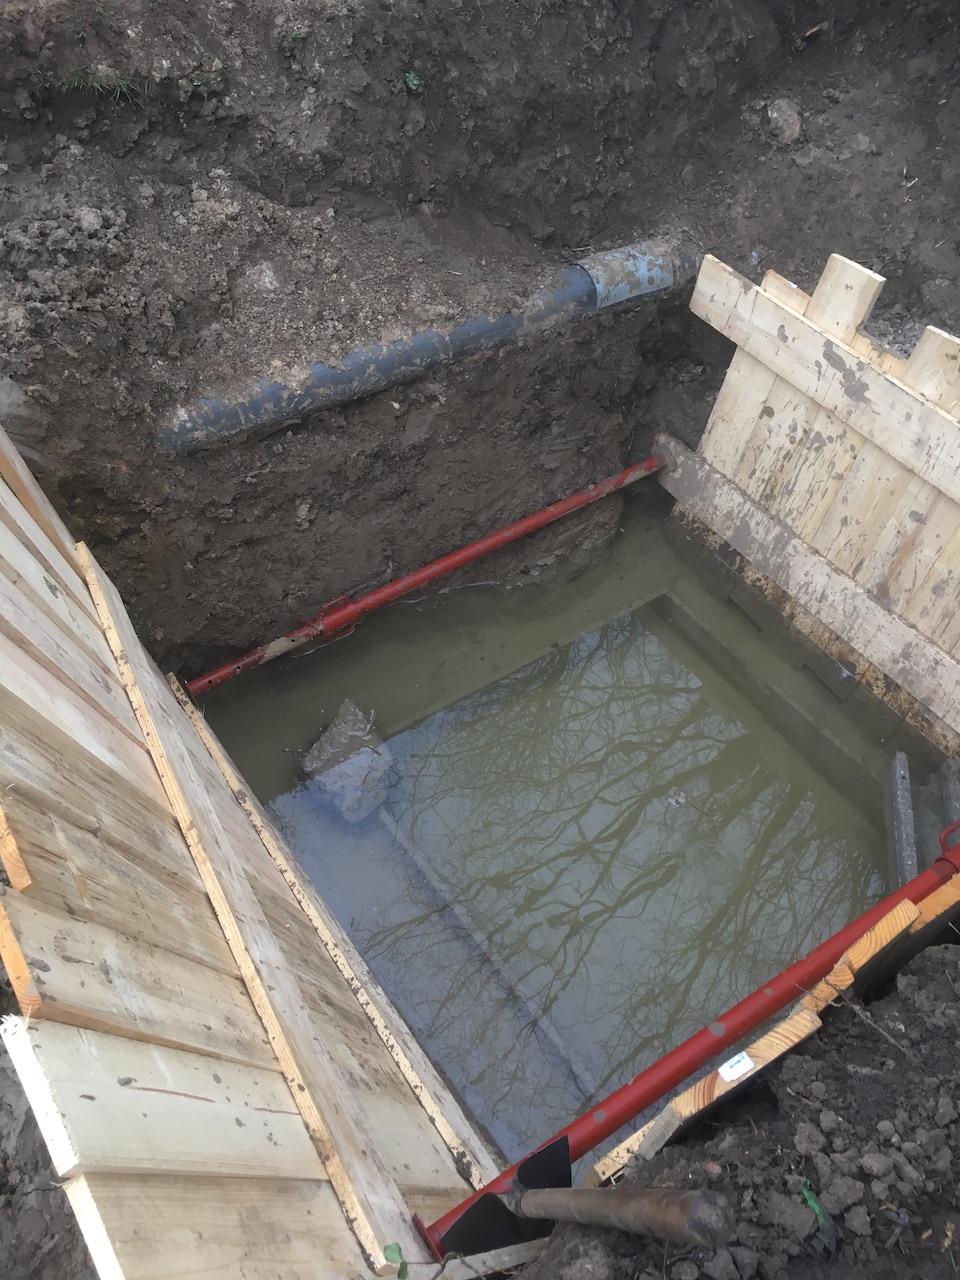 Fond de fouille submergé suite à la remontée d'une nappe phréatique